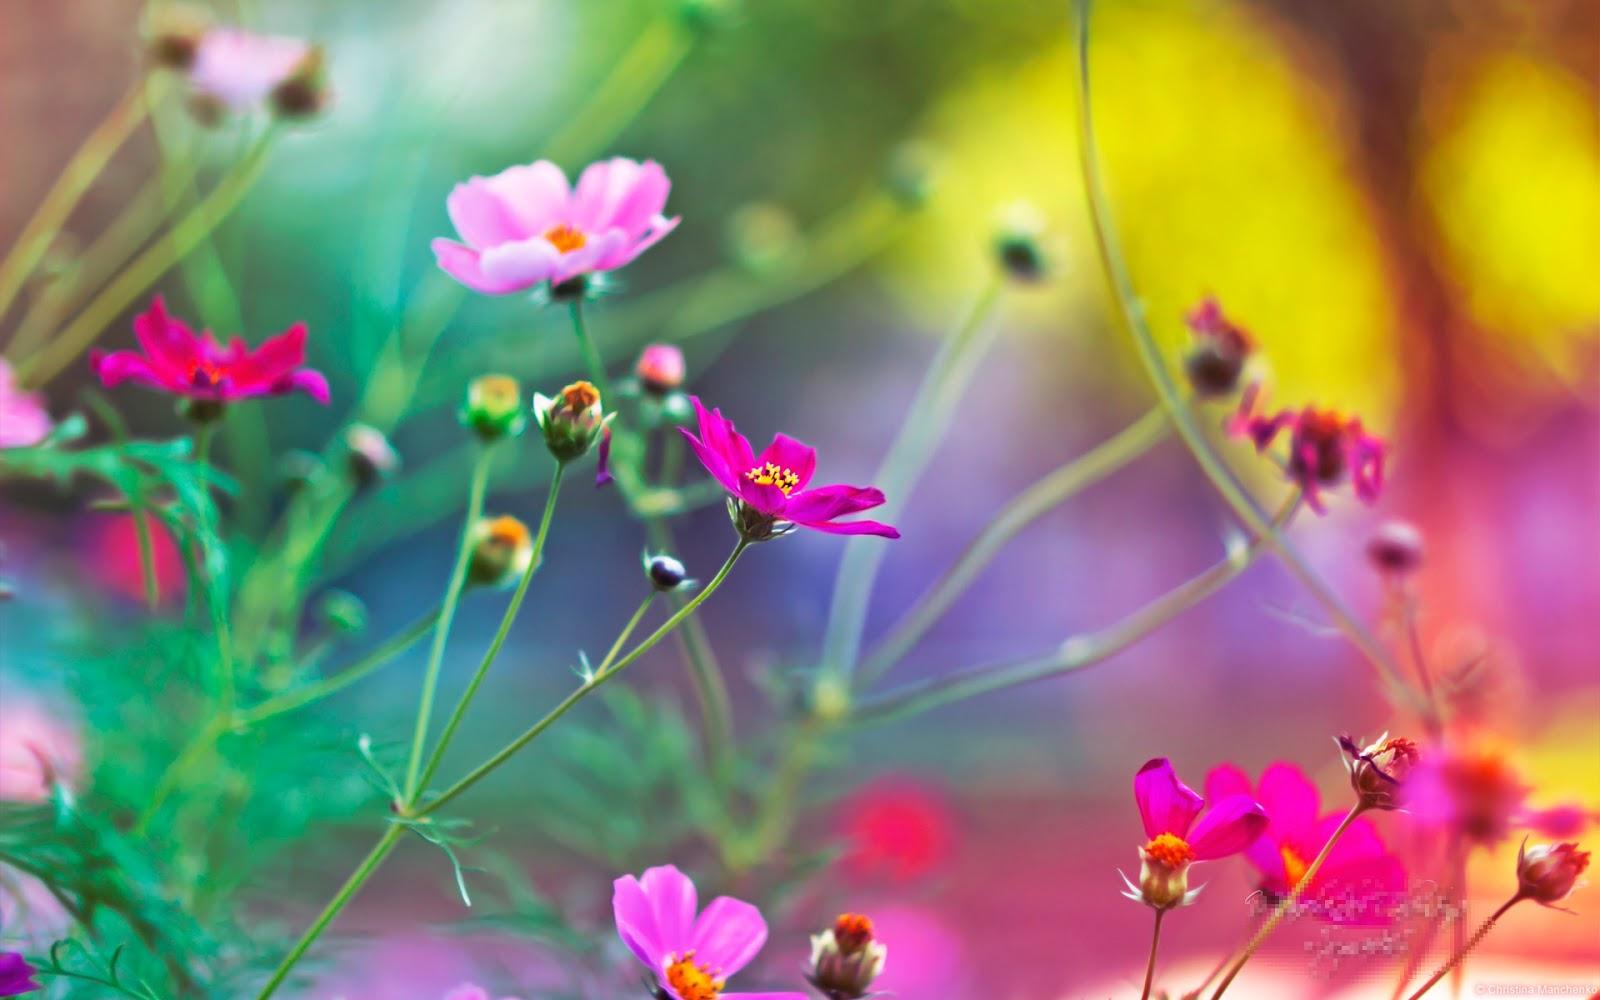 Imagenes De Flores Para El Pin - Imagenes De Flores Para Colorear 2SnapShot com